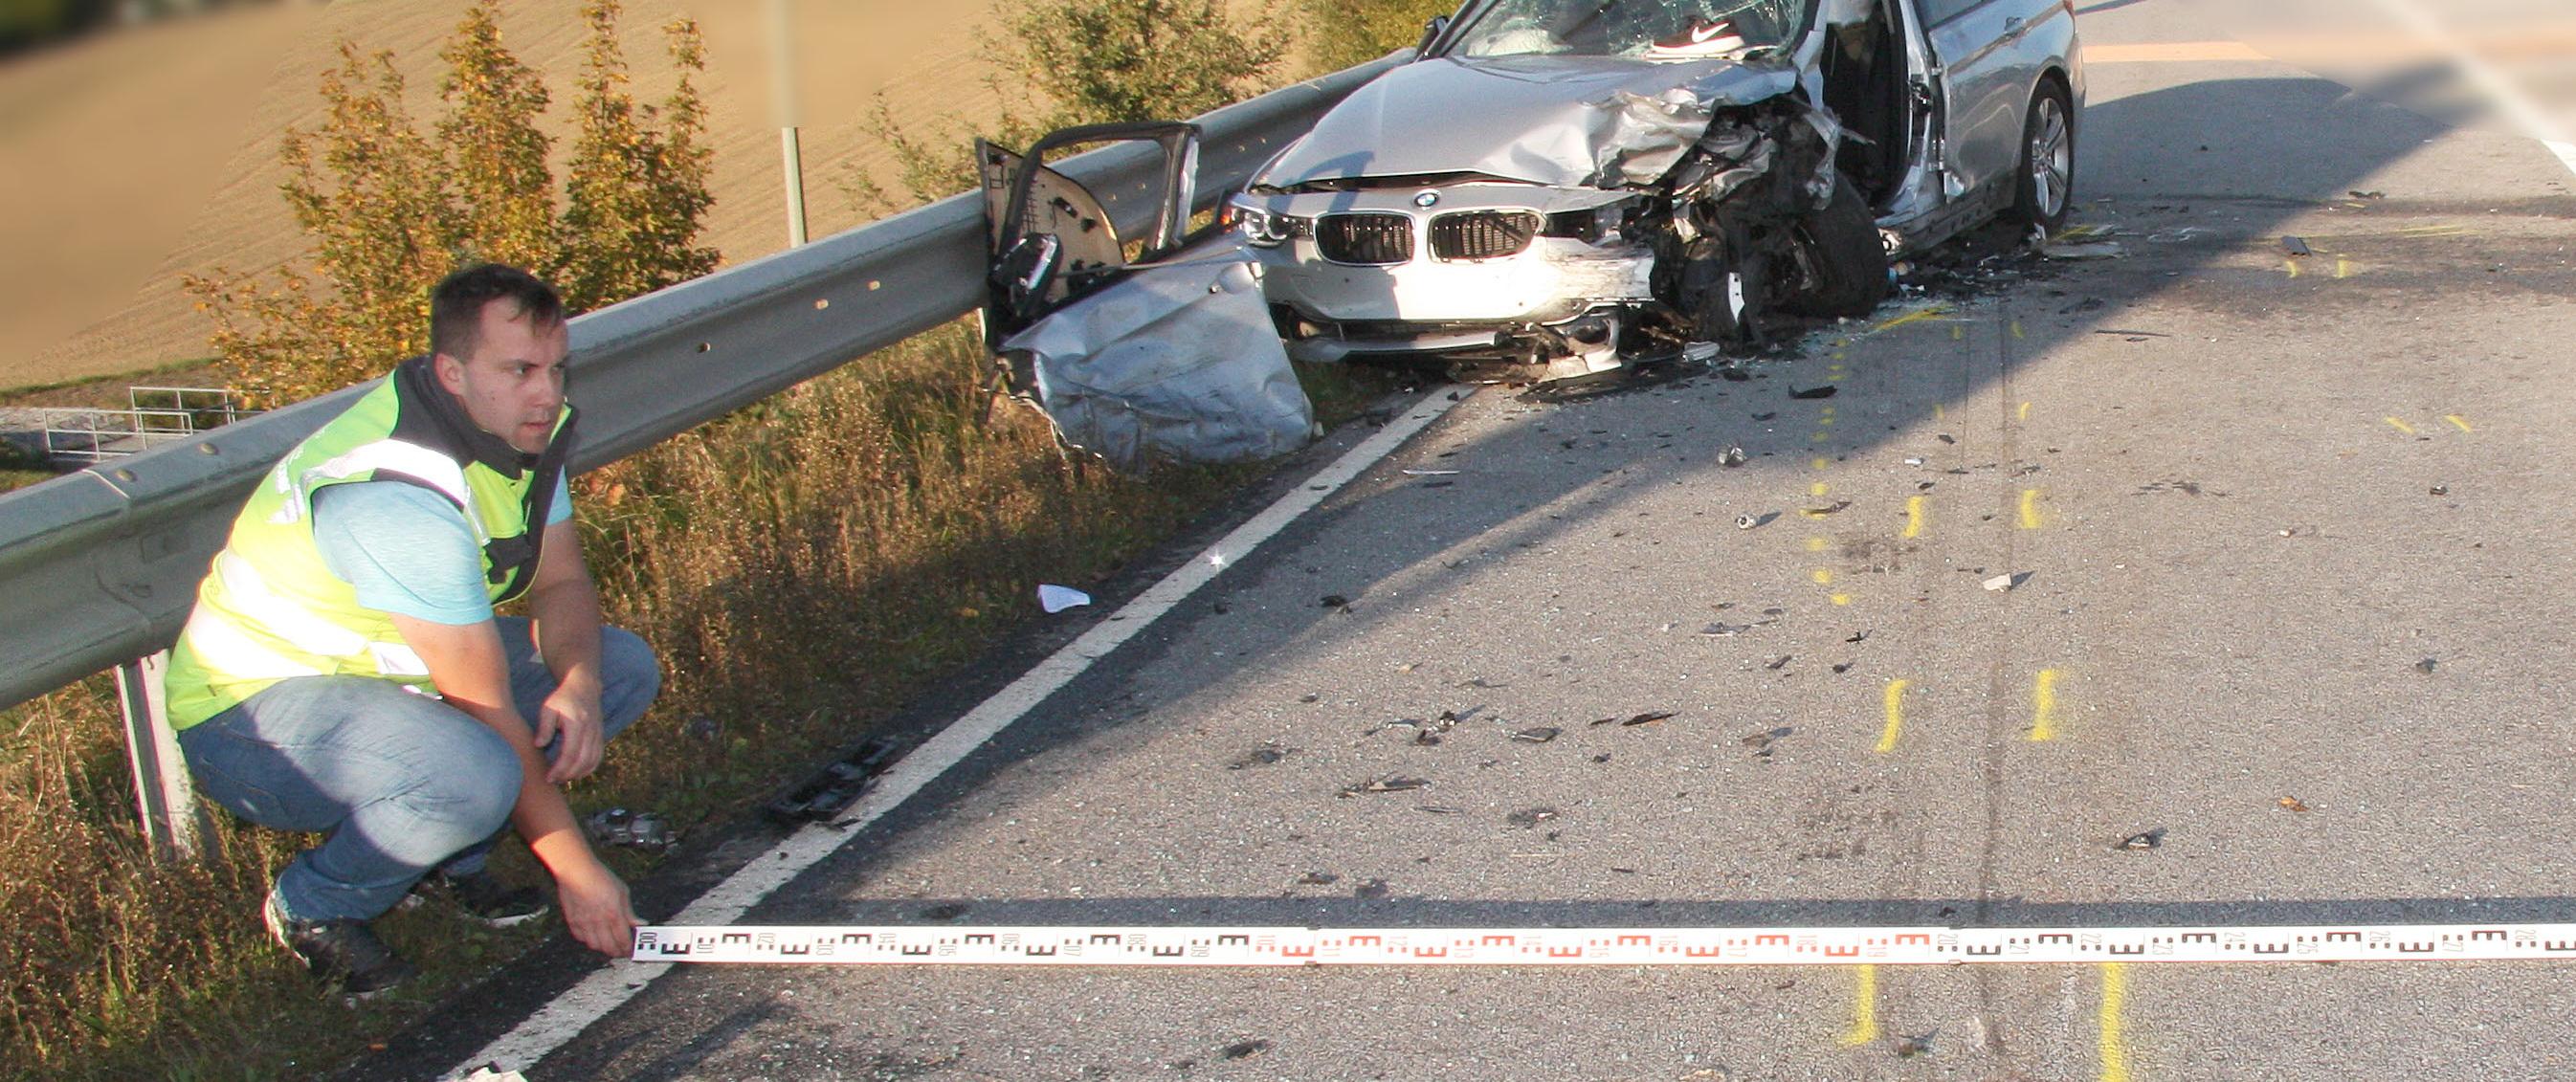 Hubert Rauscher - Gerichtsgutachten, Polizeigutachten, Unfallforschung